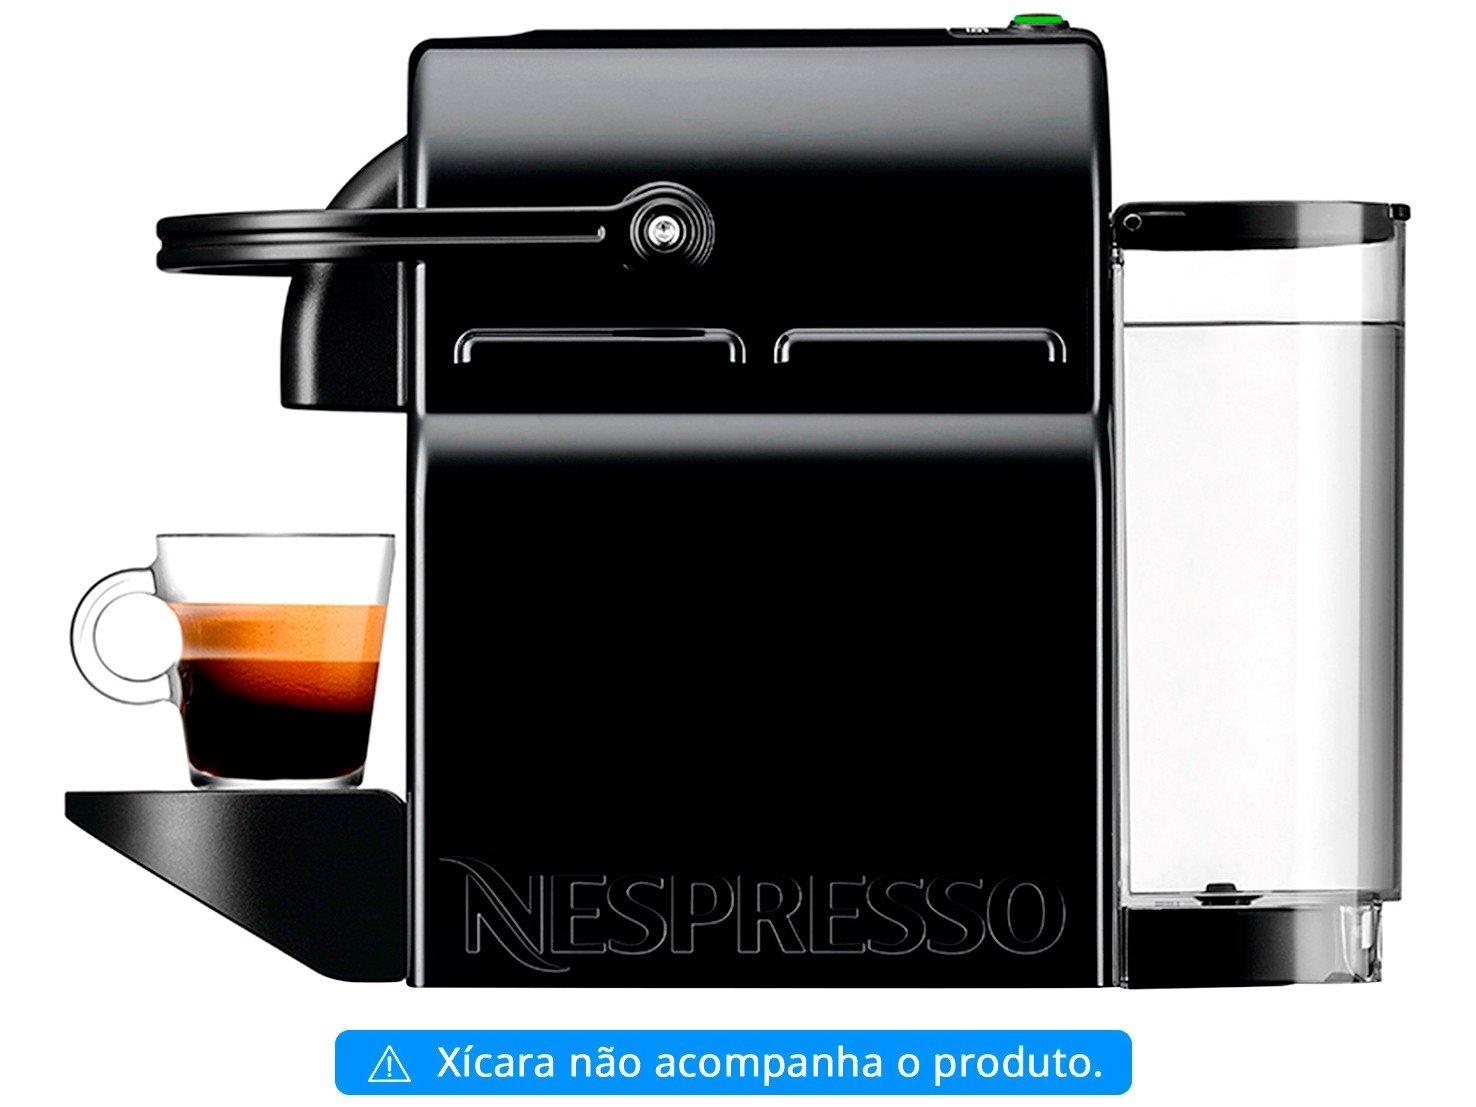 Cafeteira Nespresso Inissia D40 com Kit Boas Vindas - Preta - 110V - 8